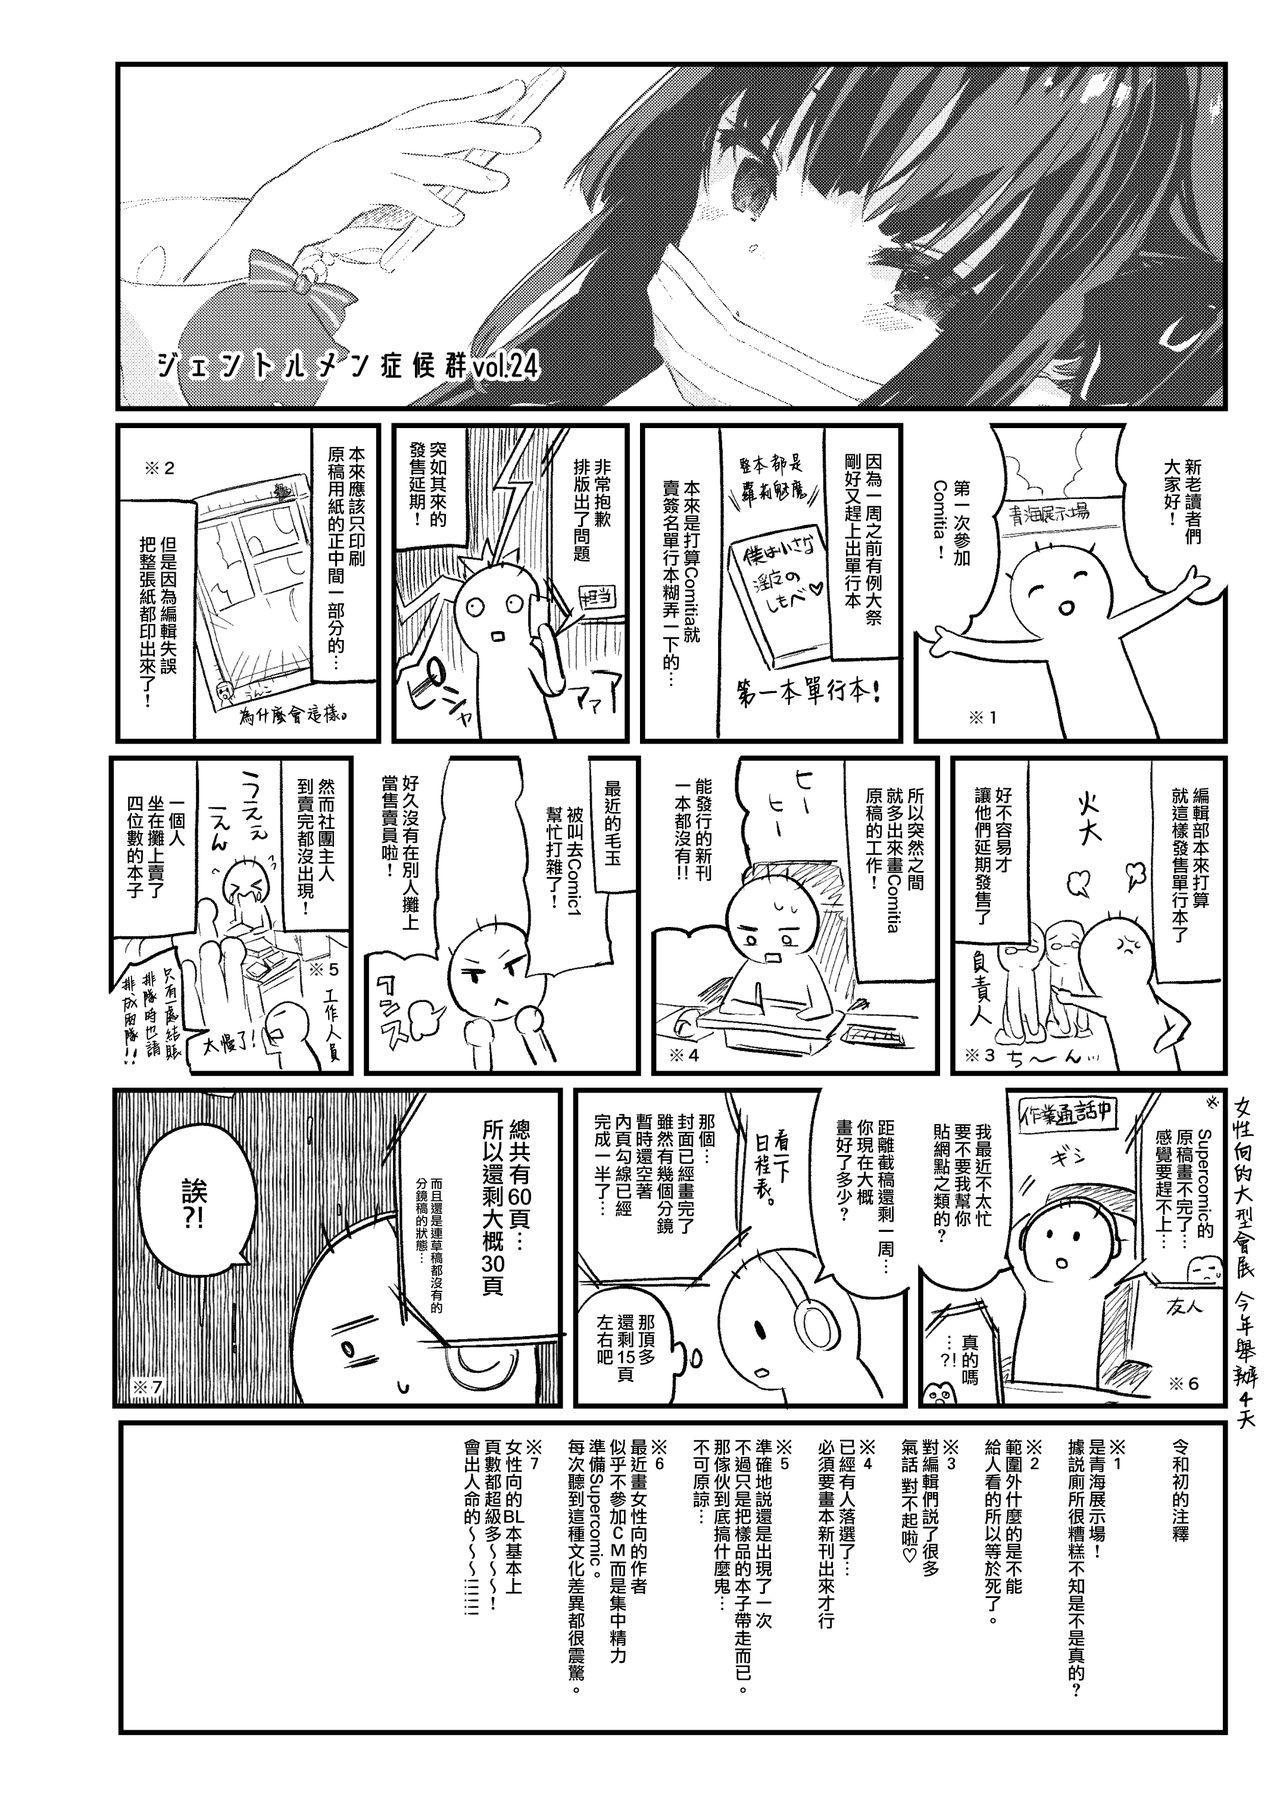 Papakatsu de Deatta Ko ga Inma kamo Shirenai 13